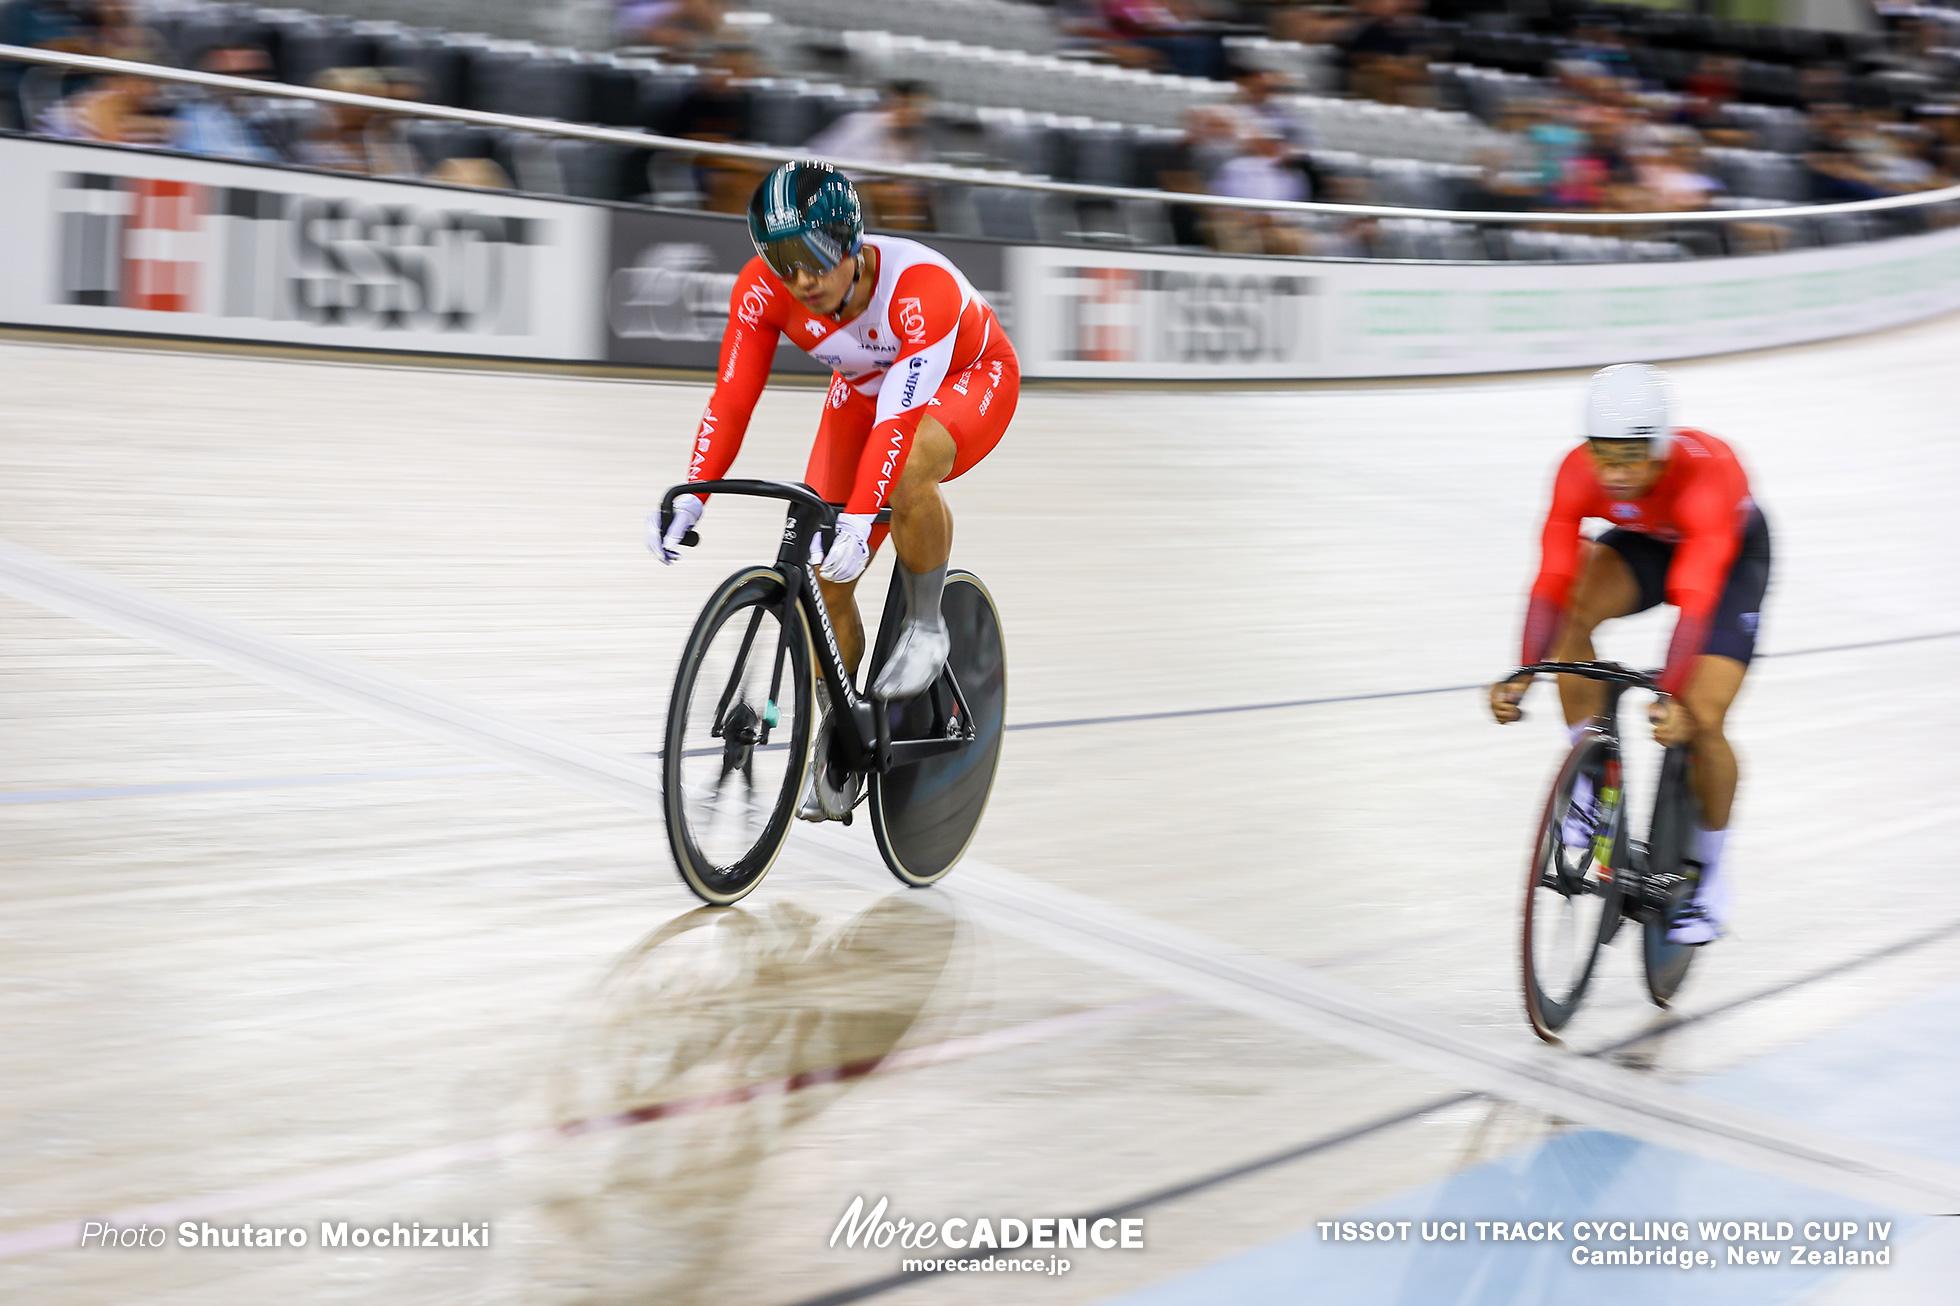 1/4決勝 / Men's Sprint / TISSOT UCI TRACK CYCLING WORLD CUP IV, Cambridge, New Zealand